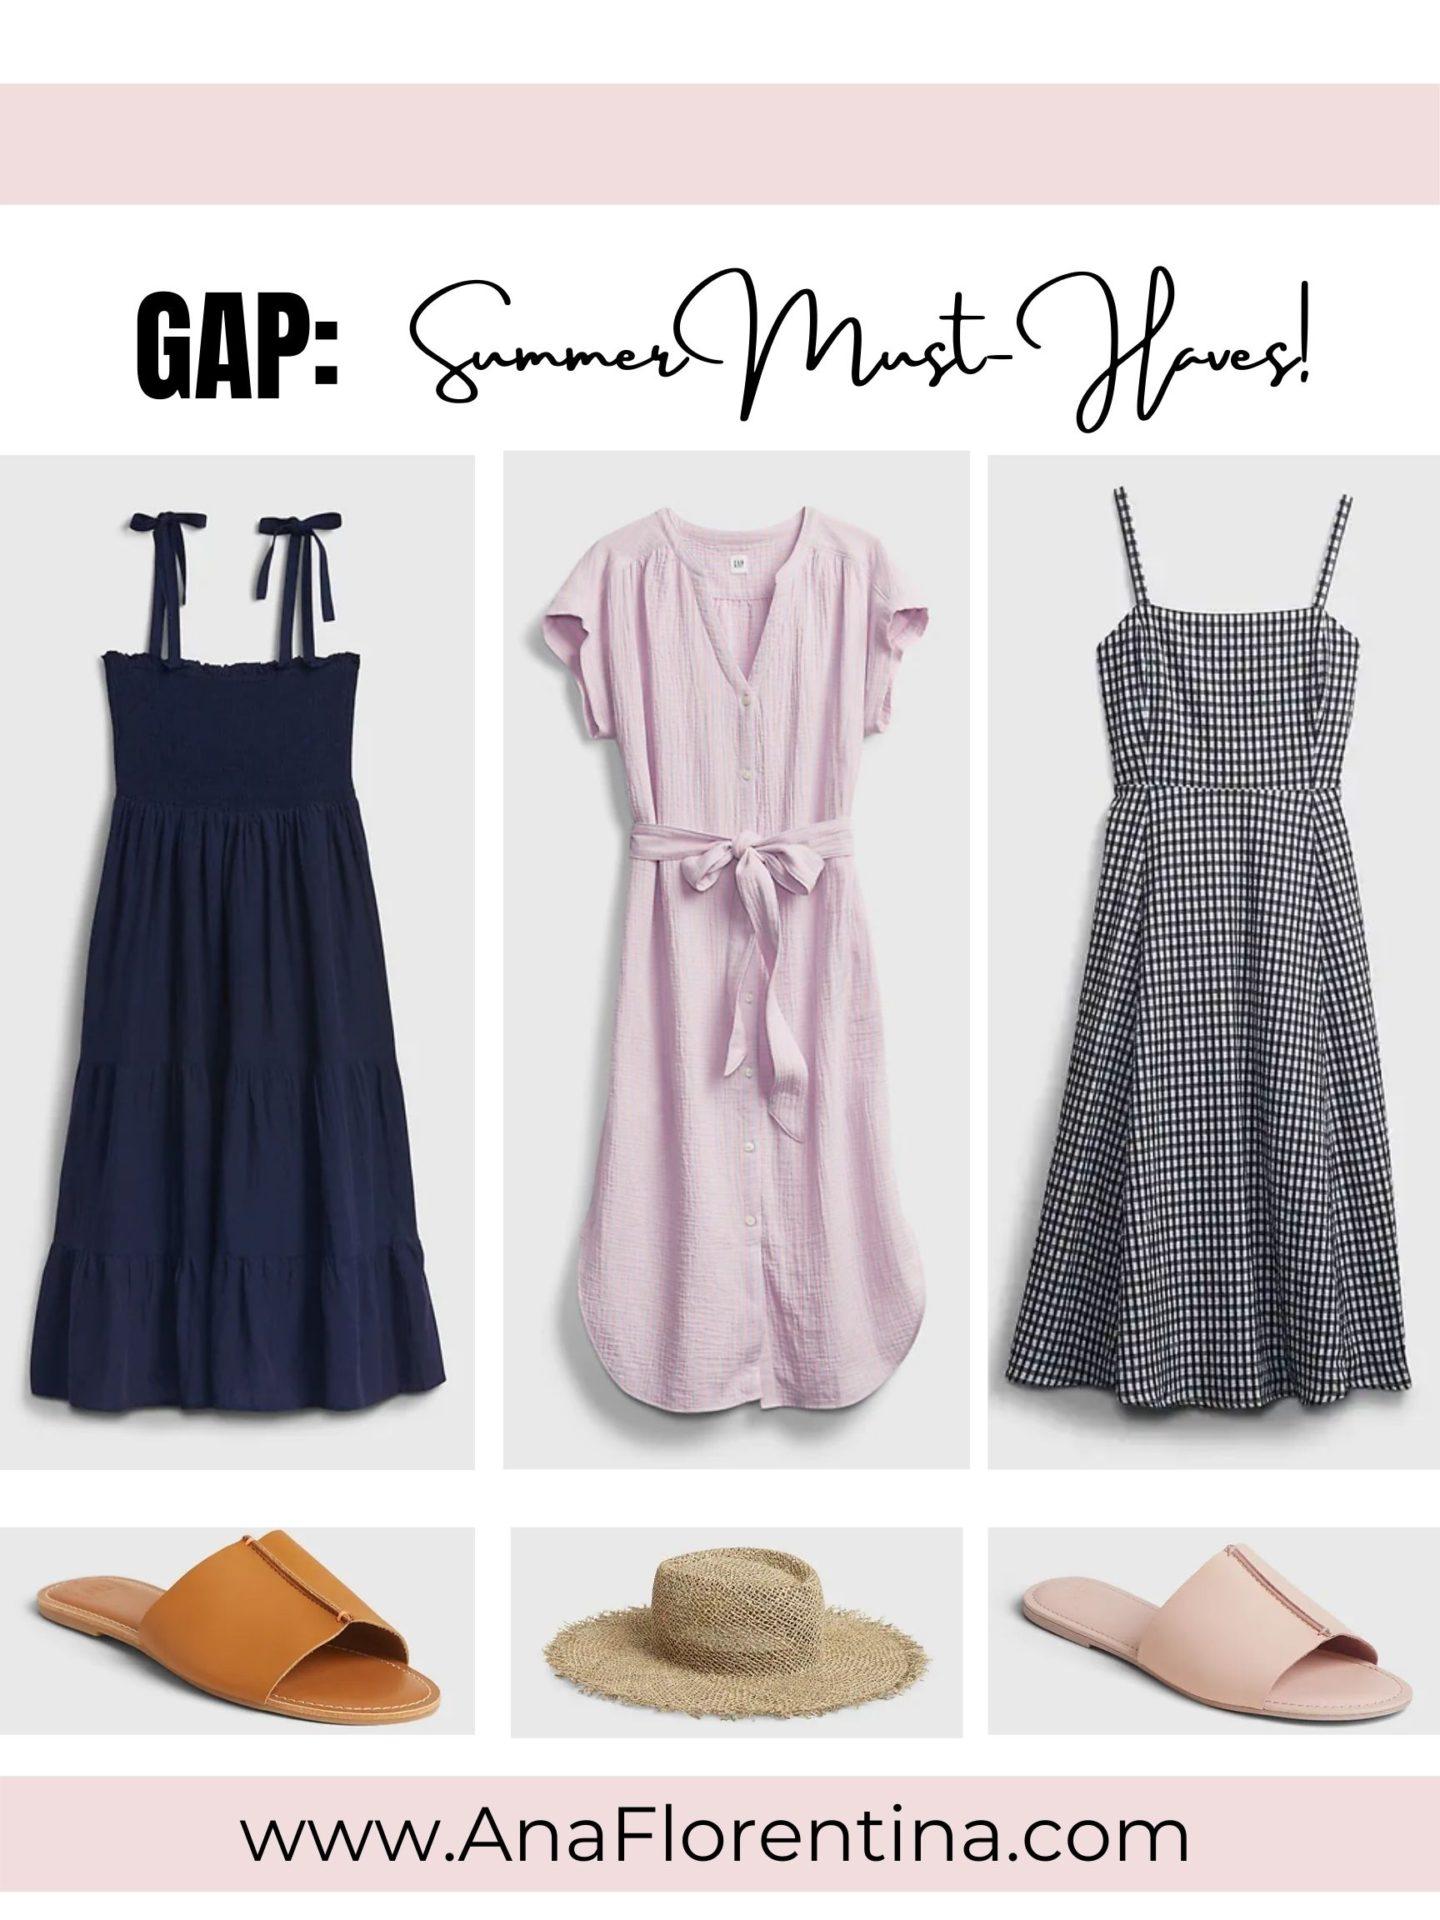 Gap Dresses Memorial Day Sale